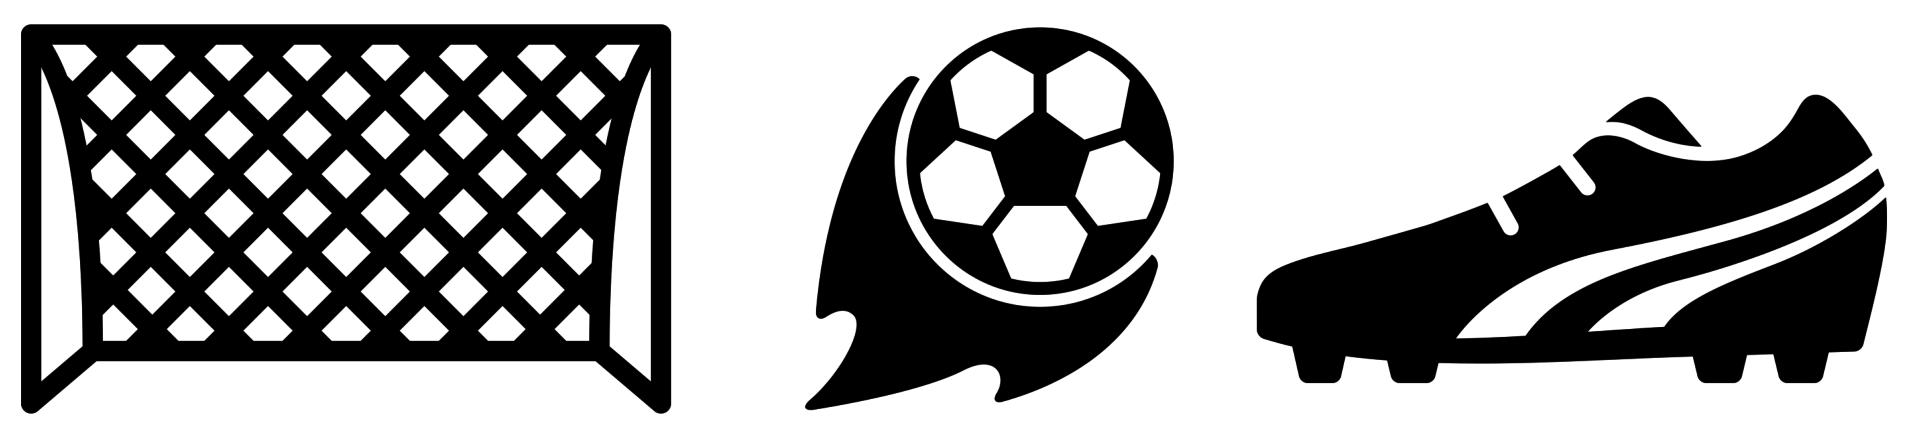 Fussball Spieler Symbol Kostenlose Vektorgrafik Auf Pixabay